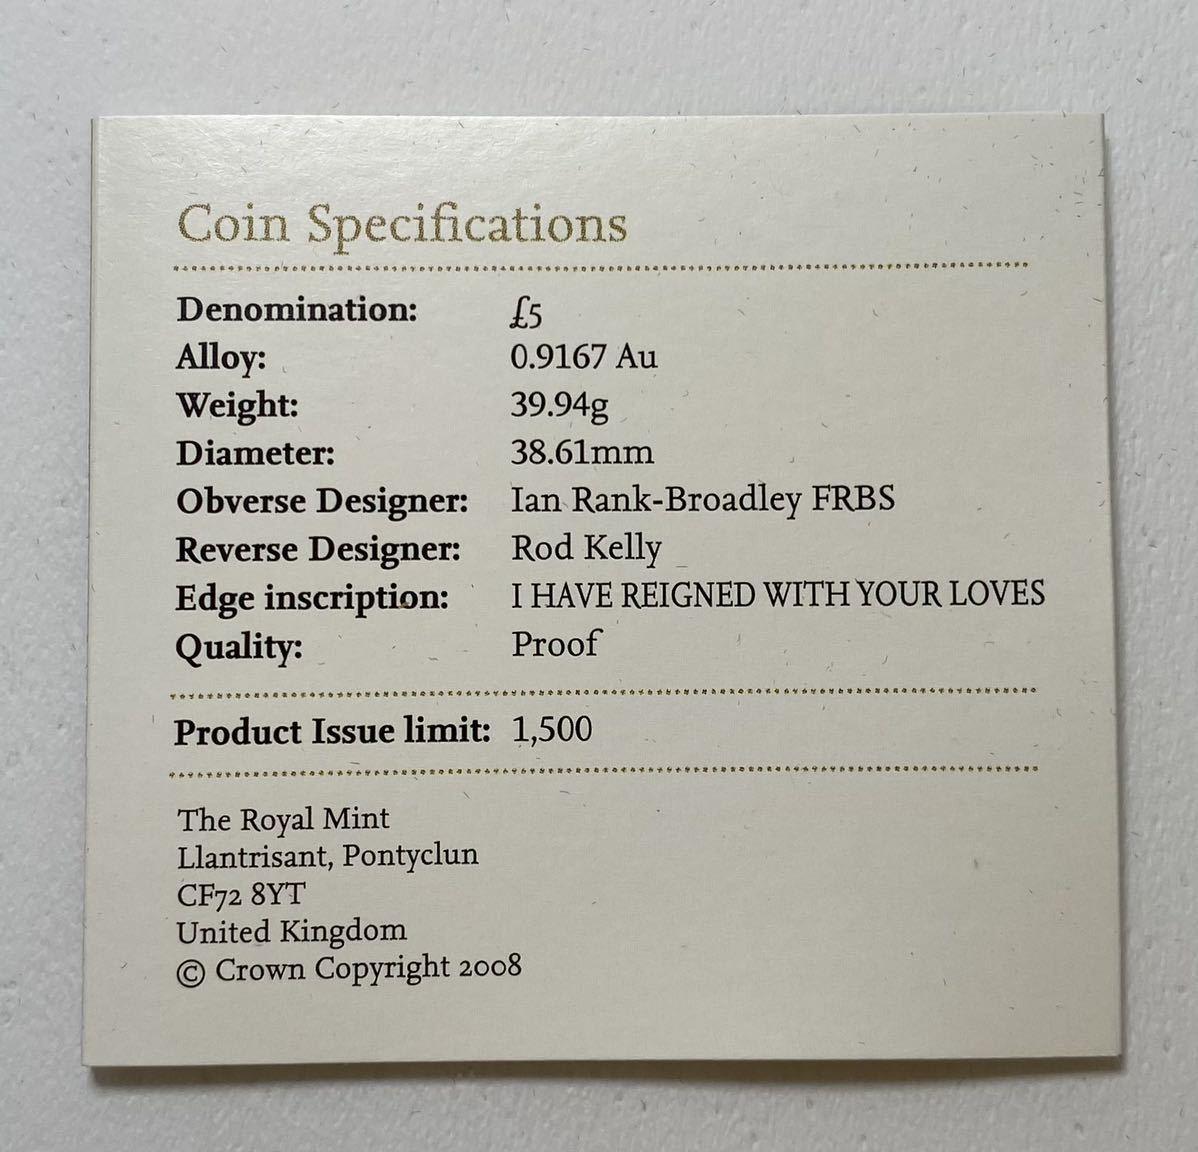 イギリス金貨 2008 5ポンド エリザベス1世 NGC PF70UC 発行枚数1500枚 NGC最高鑑定27枚_画像9